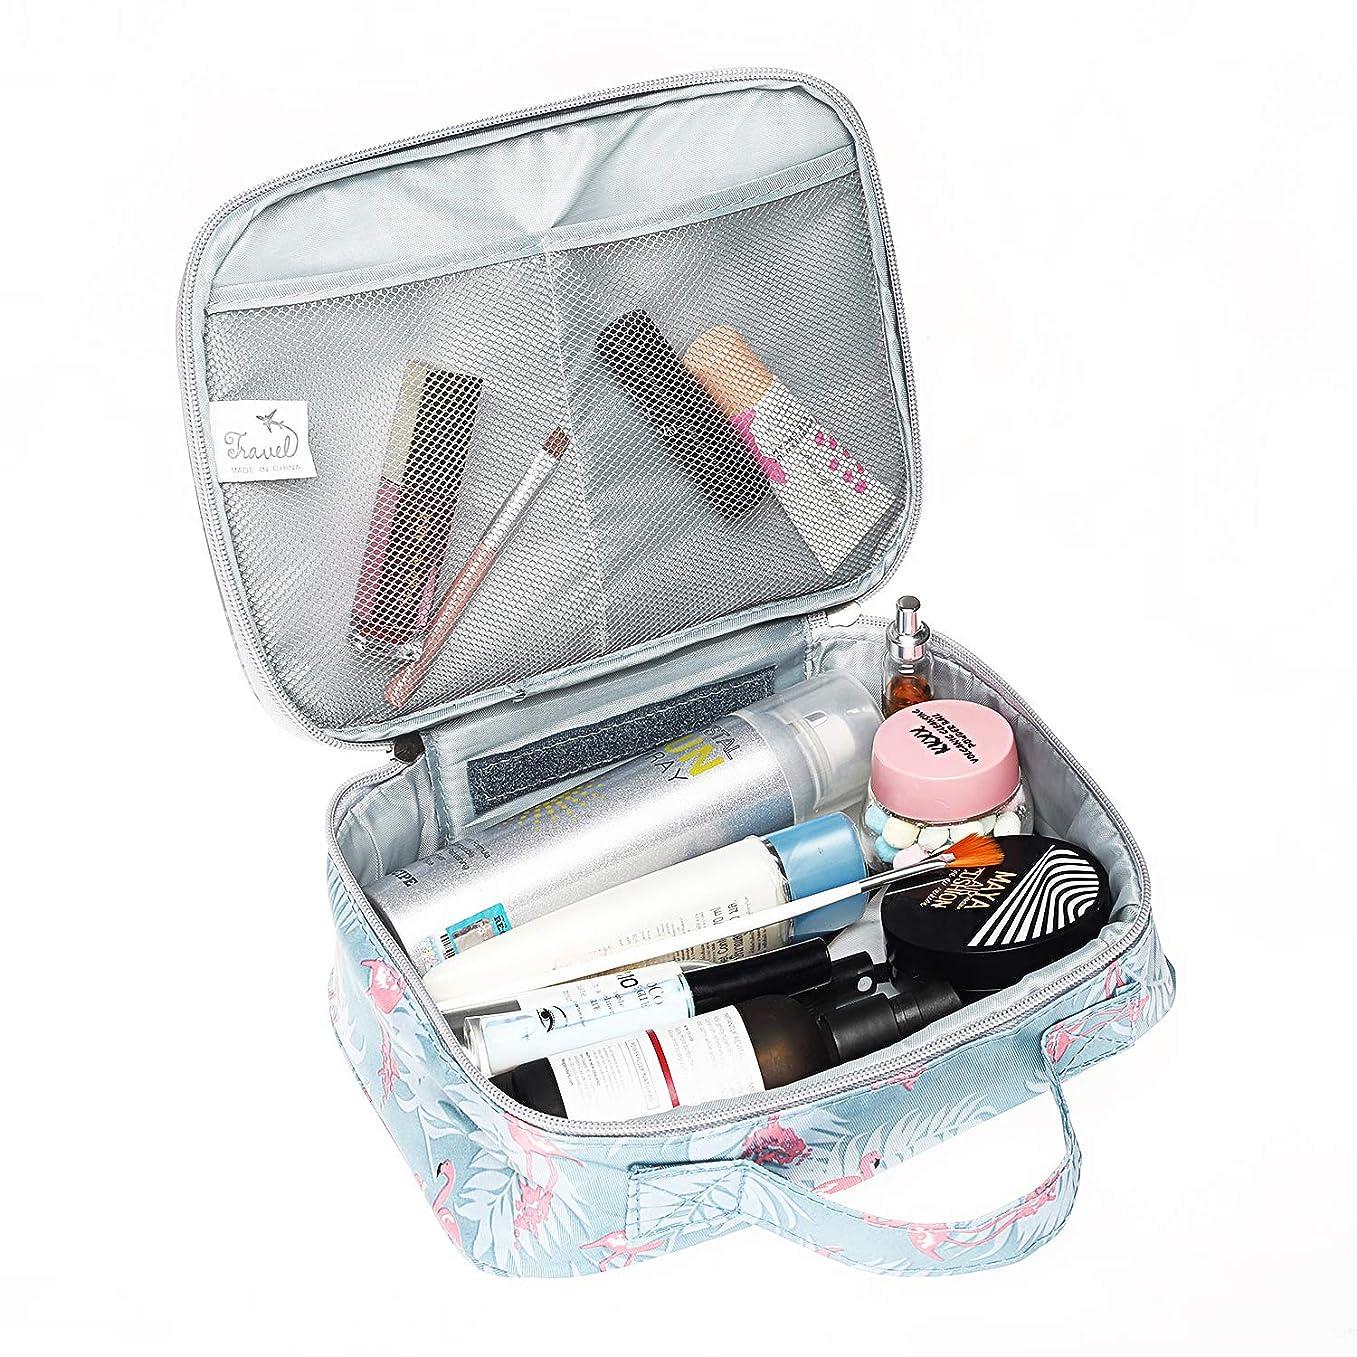 こしょう囲むケイ素メイクボックス 化粧ポーチ メイクバッグ 高品質 機能的 大容量 化粧箱 コスメボックス トラベルバッグ 化粧バッグ 化粧品収納 仕切り 旅行用 軽量 持ち運び 使いやすい 化粧道具 小物入れポーチ 可愛い